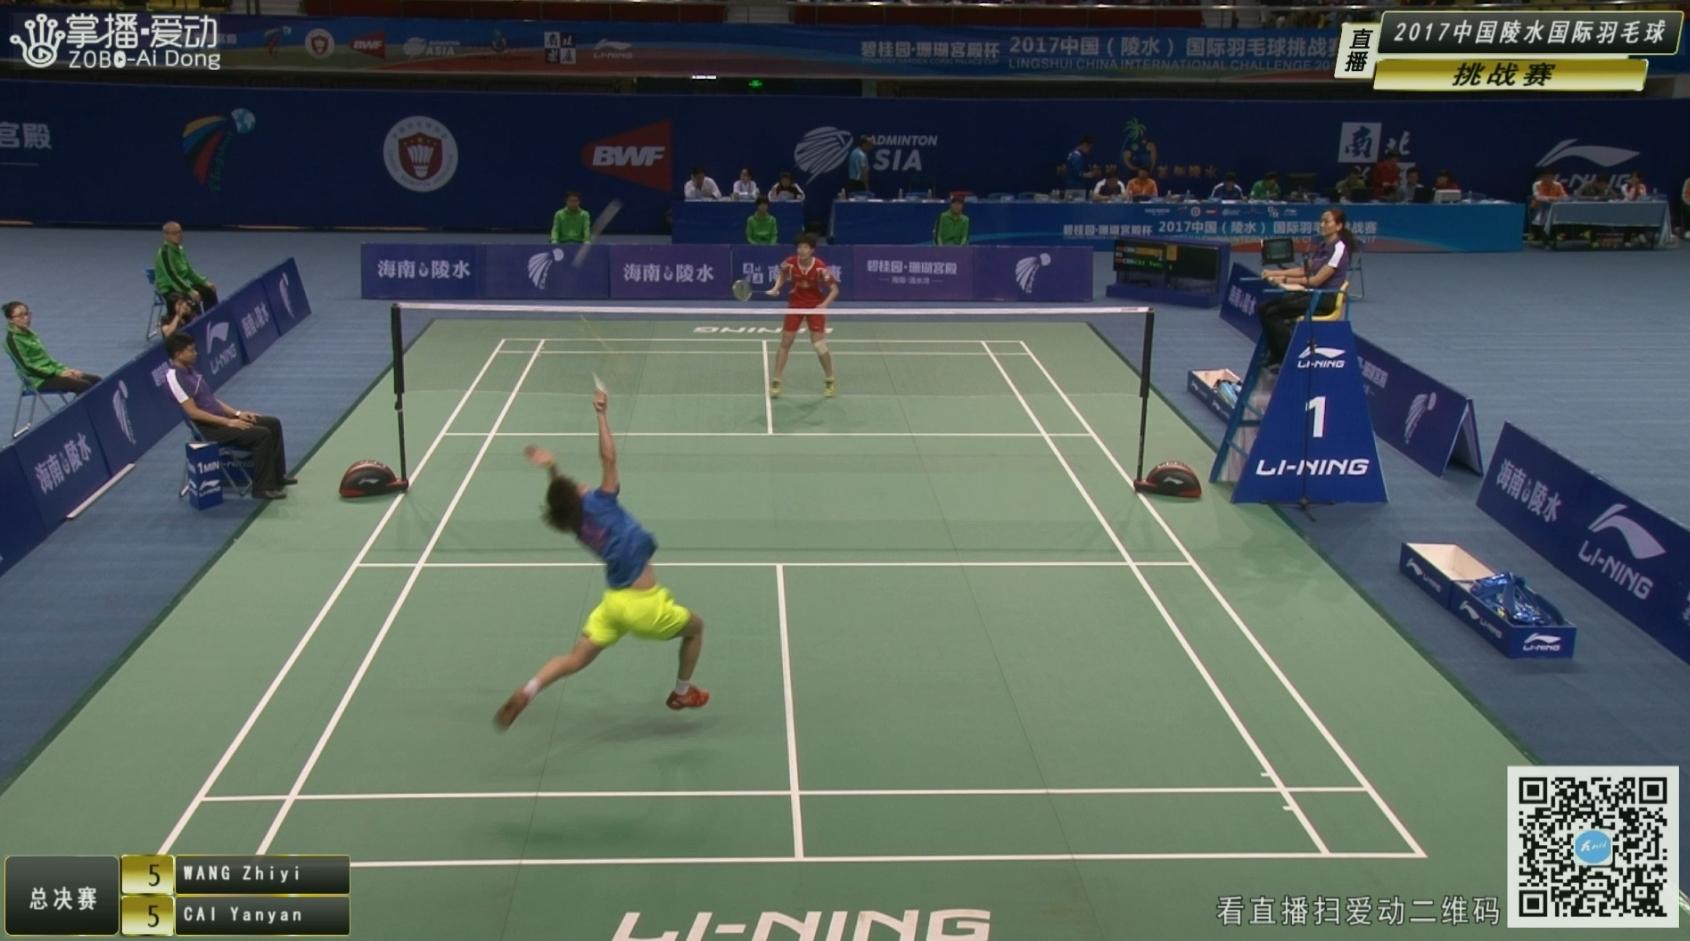 【录像】2017中国·陵水国际羽毛球挑战赛女单决赛